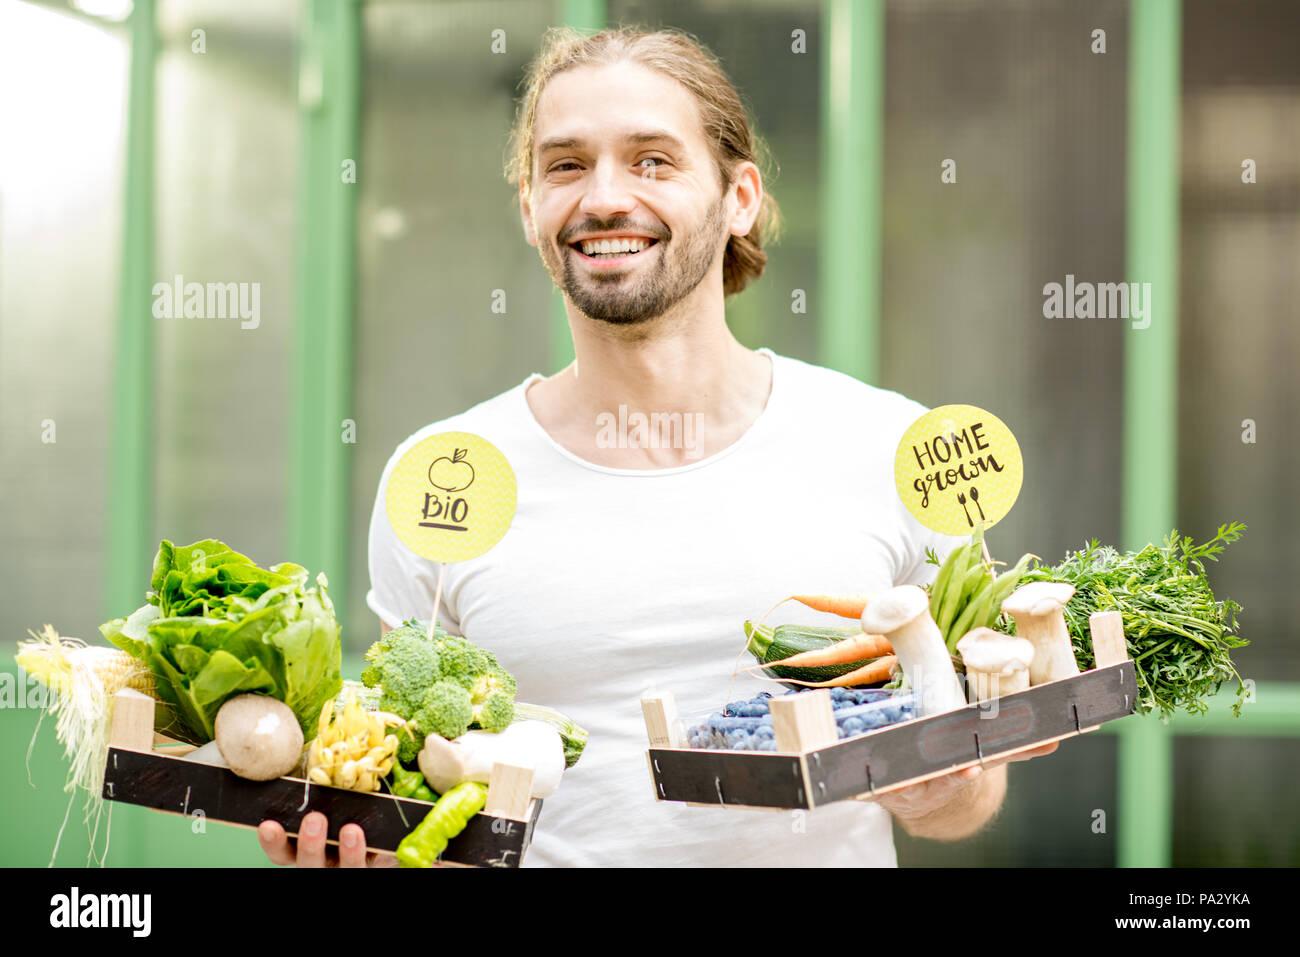 Portrait von ein stattlicher Mann mit Kisten voller Frische rohe Gemüse stehen draußen auf der grünen Wand Hintergrund Stockbild